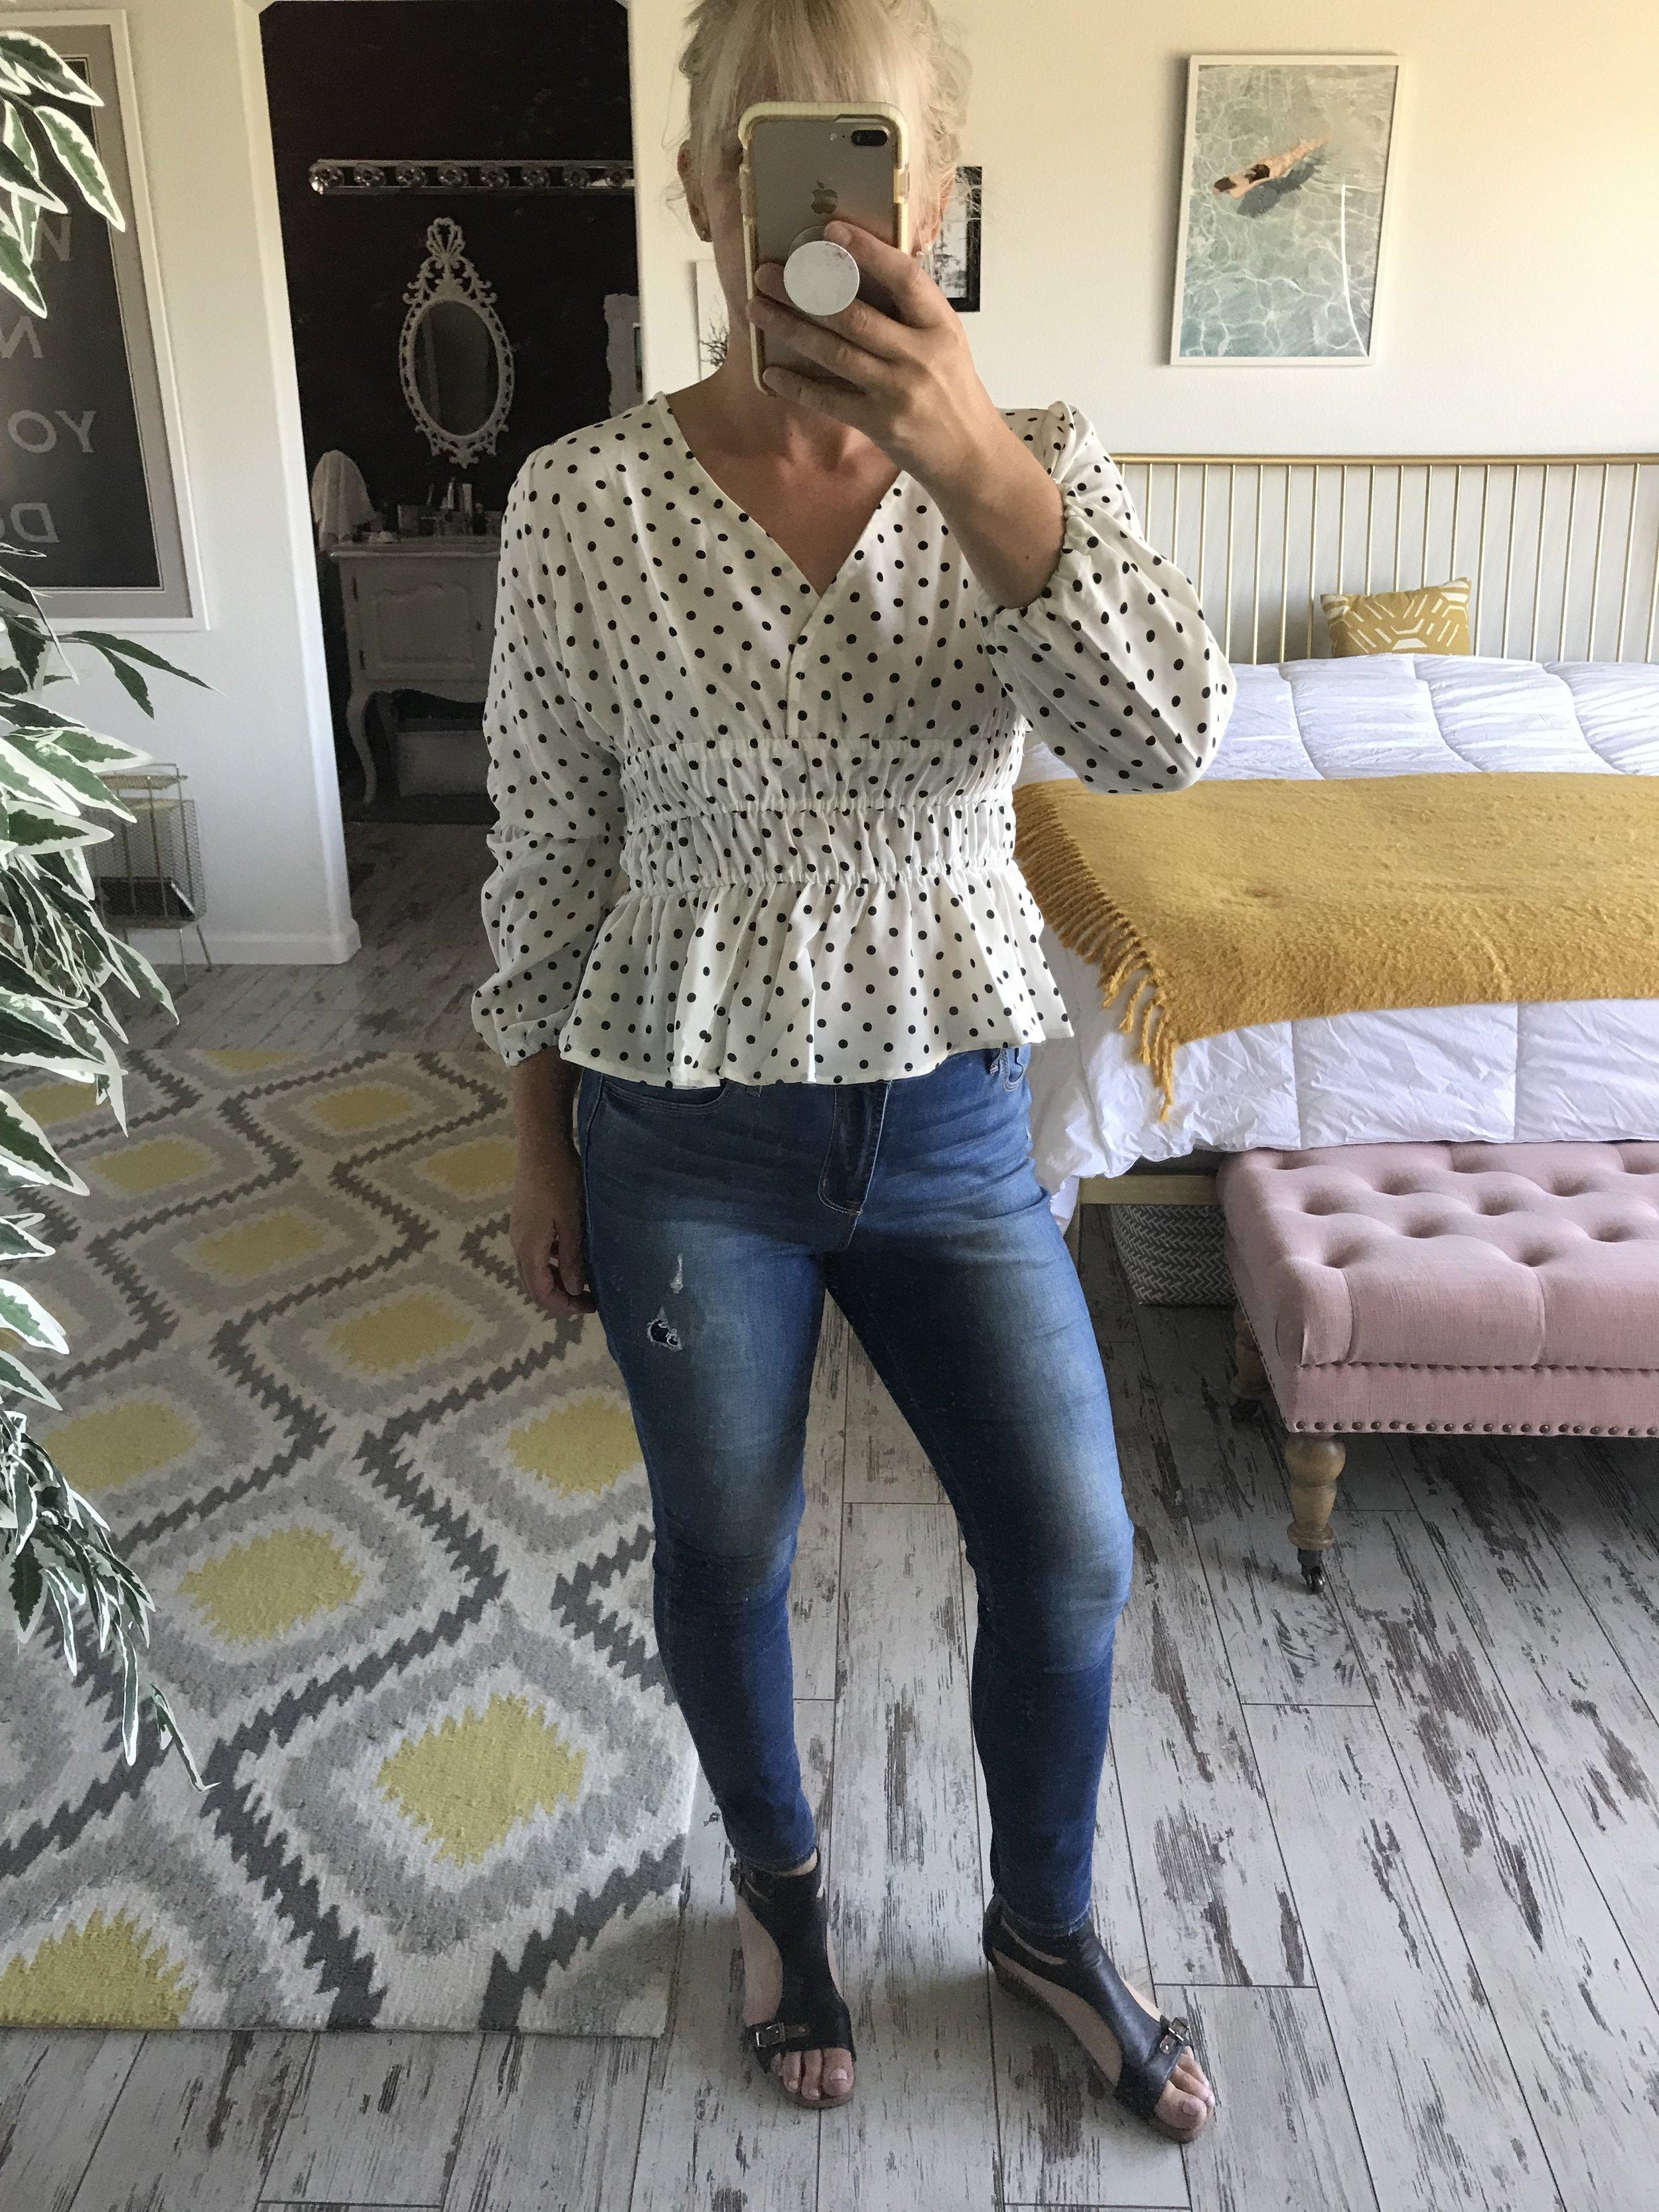 Wearing-SHEIN-polka-dot-wench-top.jpg